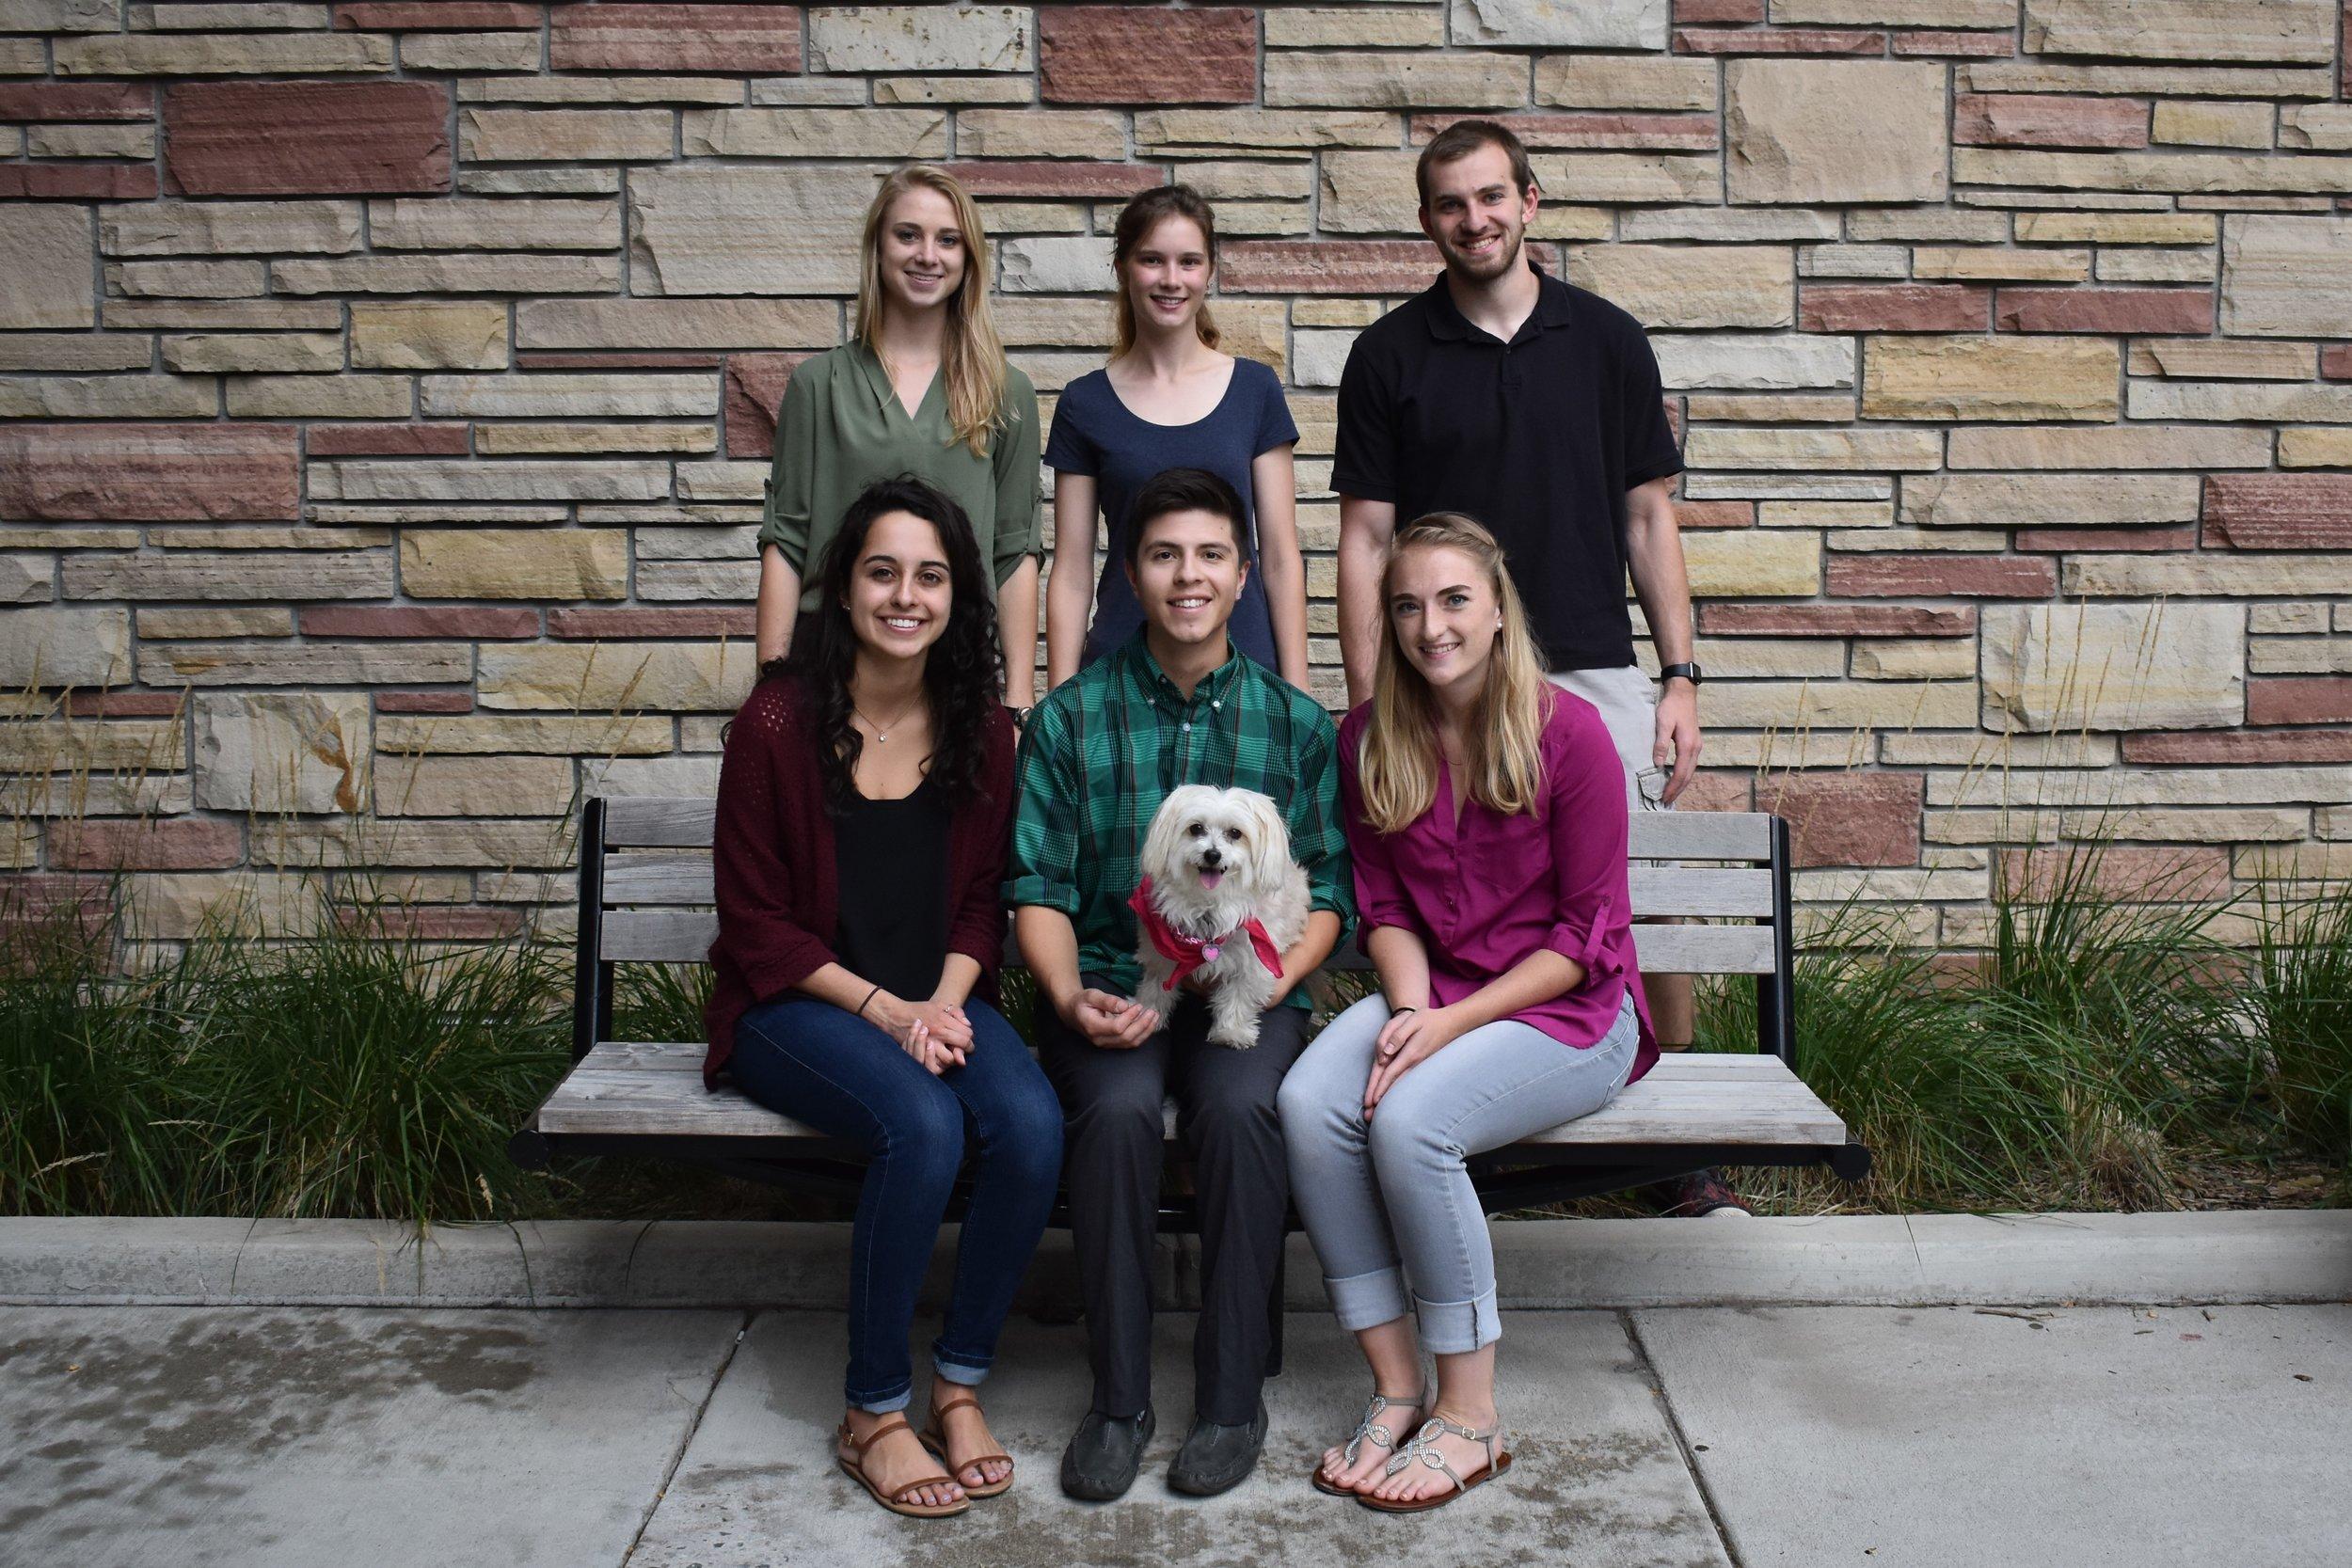 The Canine Exoskeleton for Rehabilitation Senior Design Team